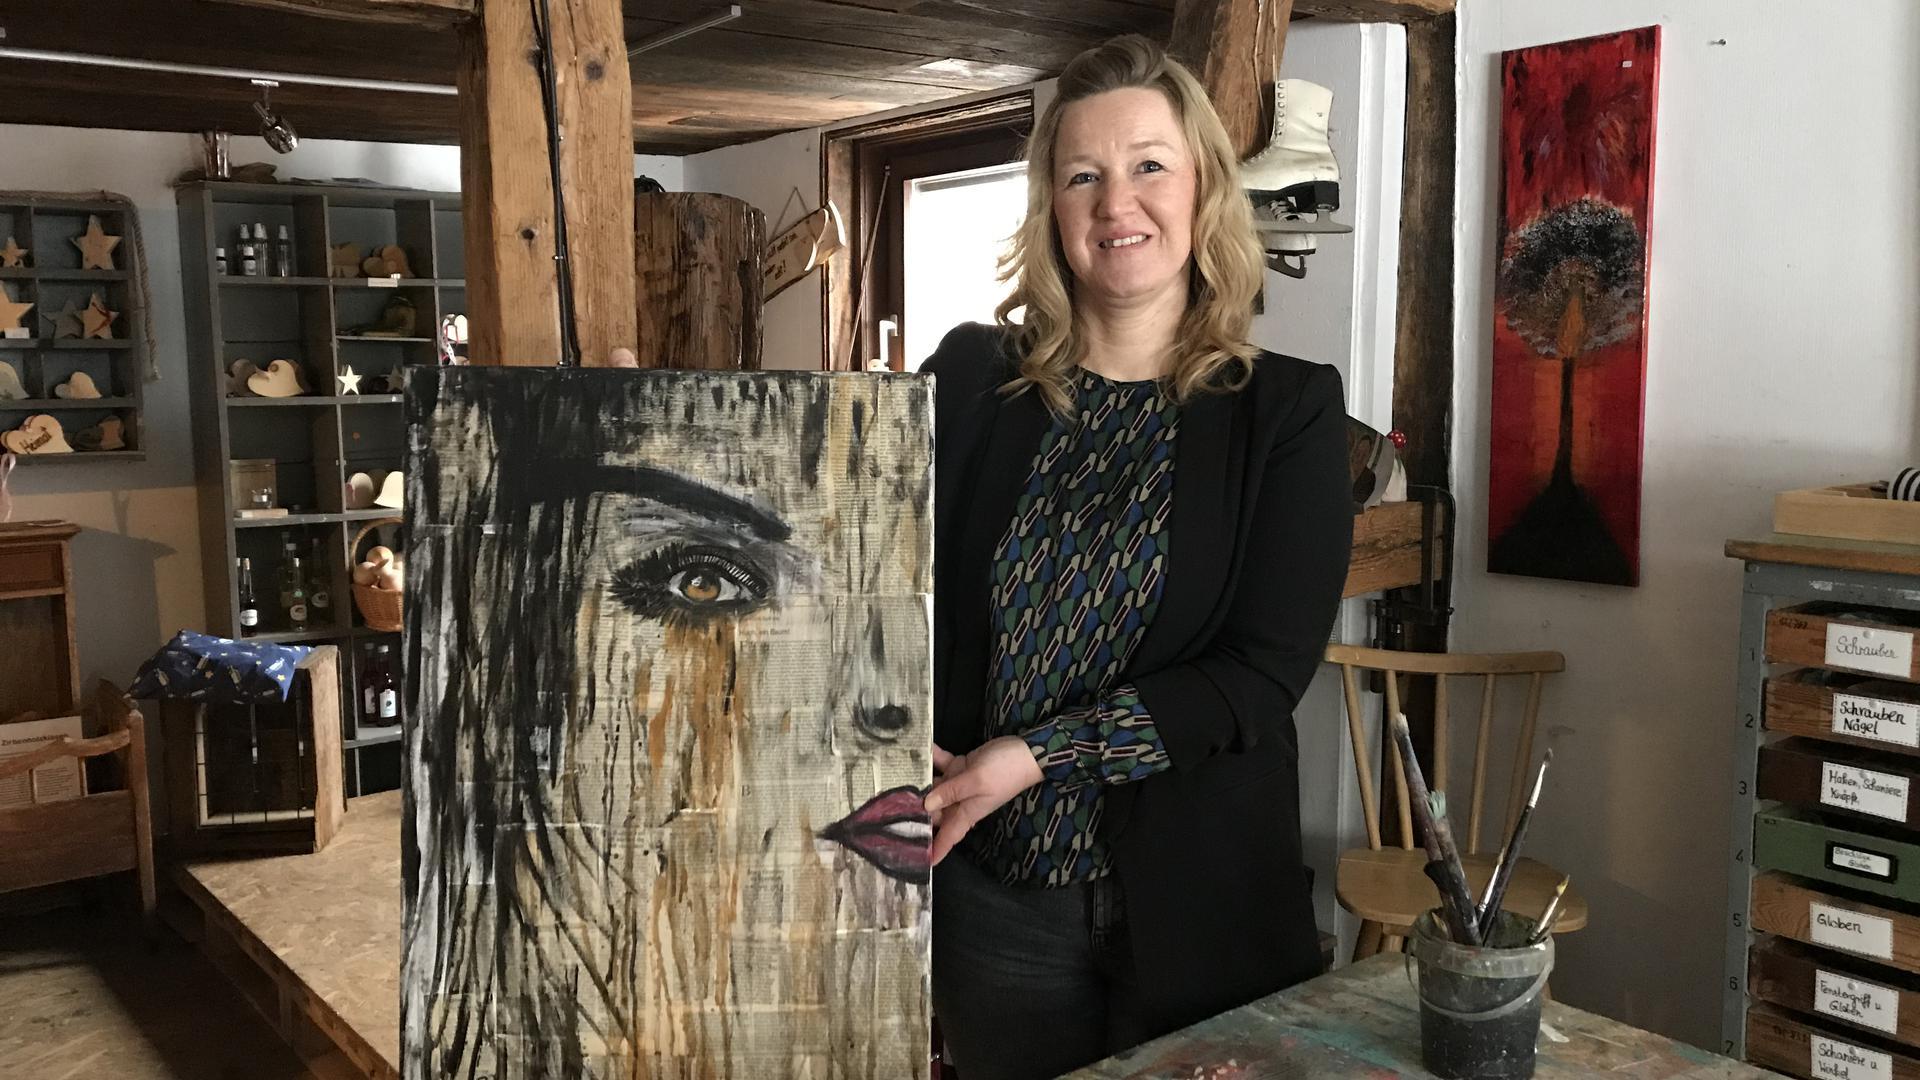 Eine Frau mit einem Bild in der Hand